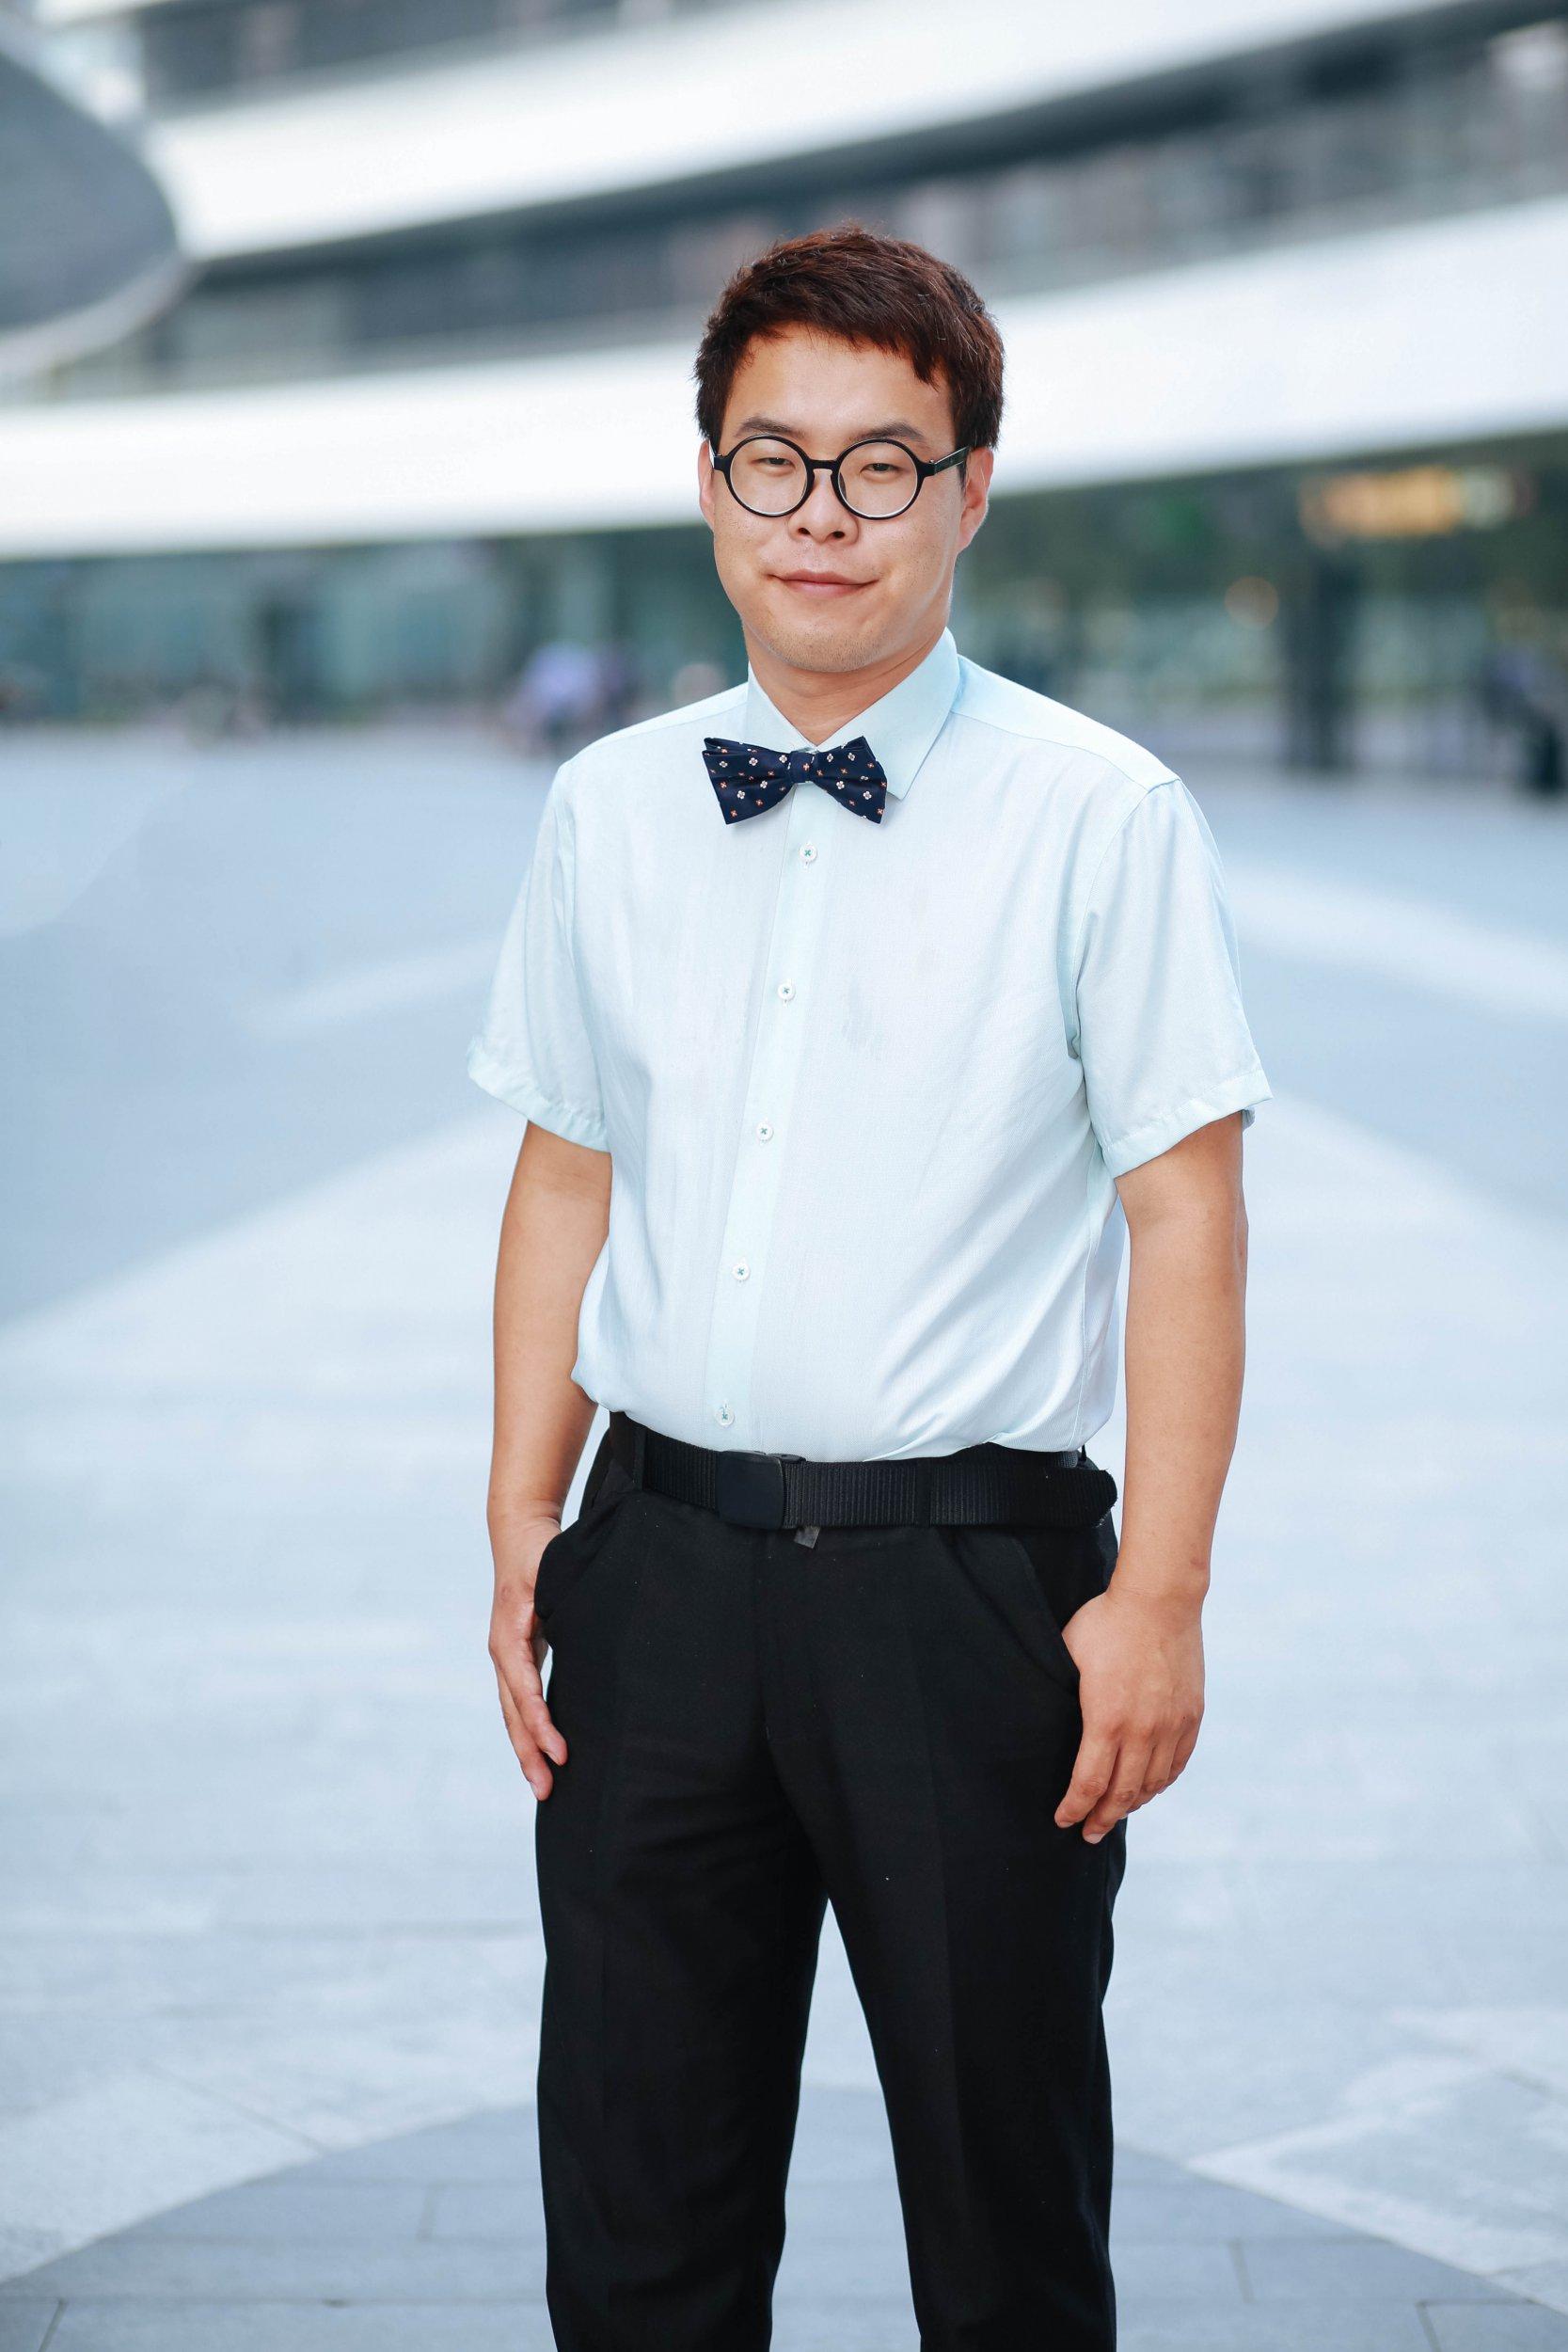 Song Qiyu